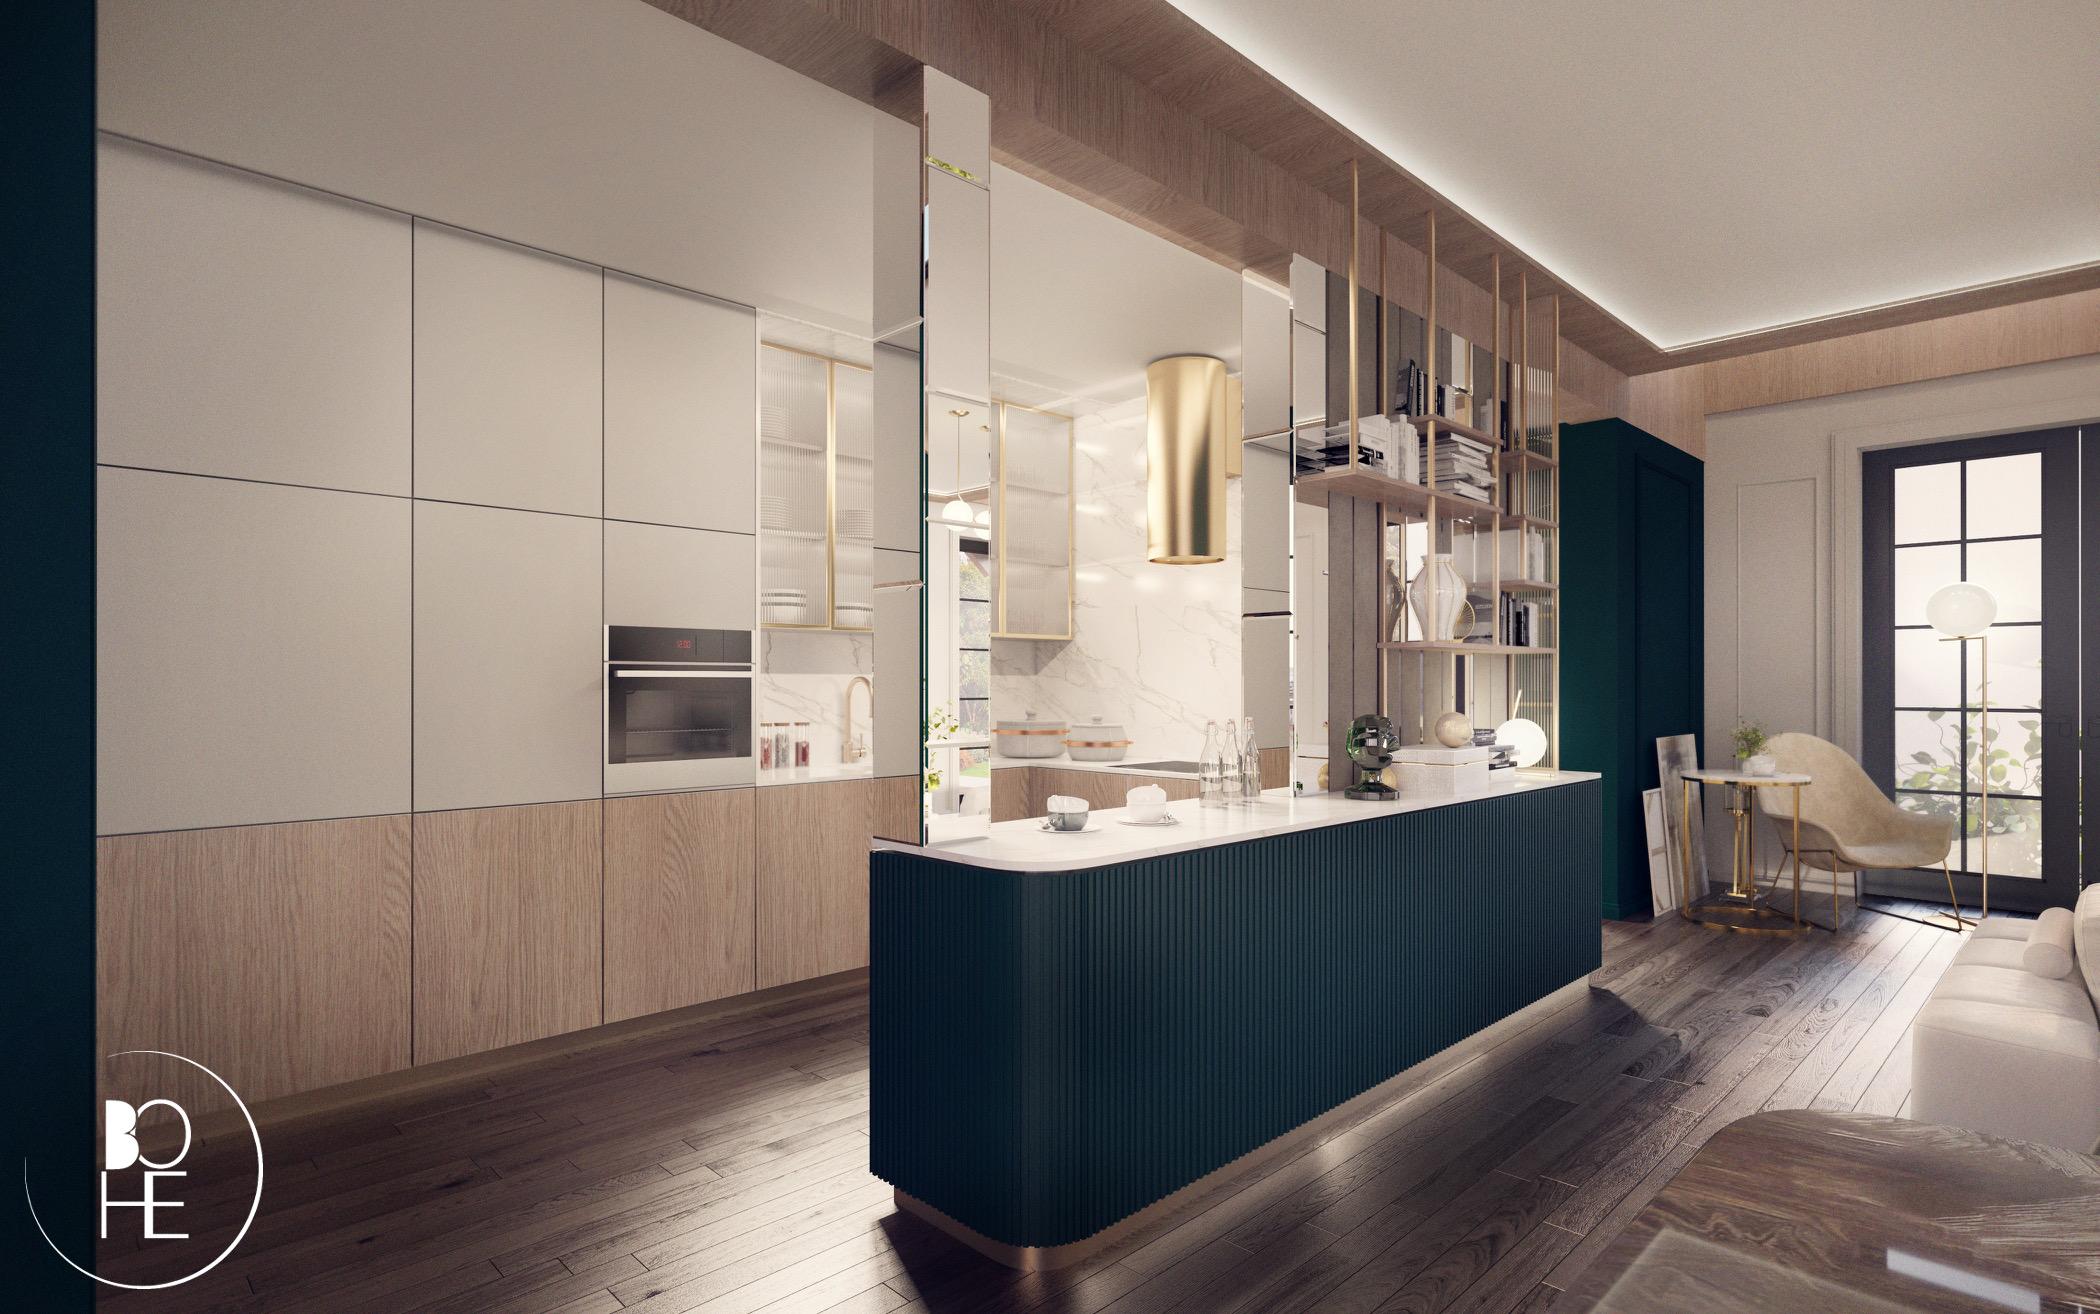 projekt wnętrza otwartej kuchni domu styl glamour szklany stół zieleń warszawa architekt anna skowrońska białystok